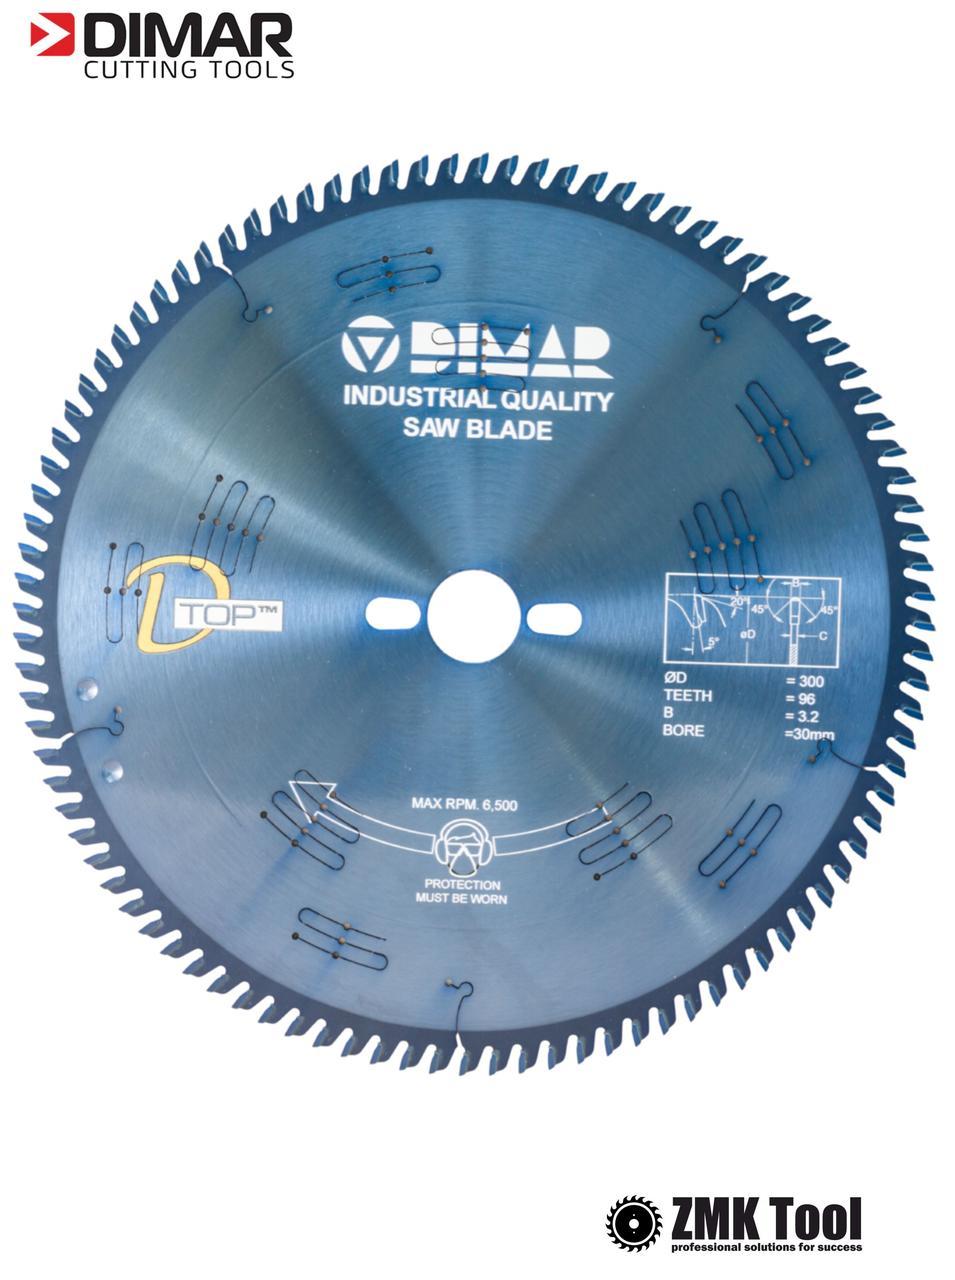 Пила DIMAR DFSQ D-TOP 300 96Z 3.2/2.2 d=30 для раскроя ДСП/МДФ 300х30х96 с покрытием D-COAT синего цвета